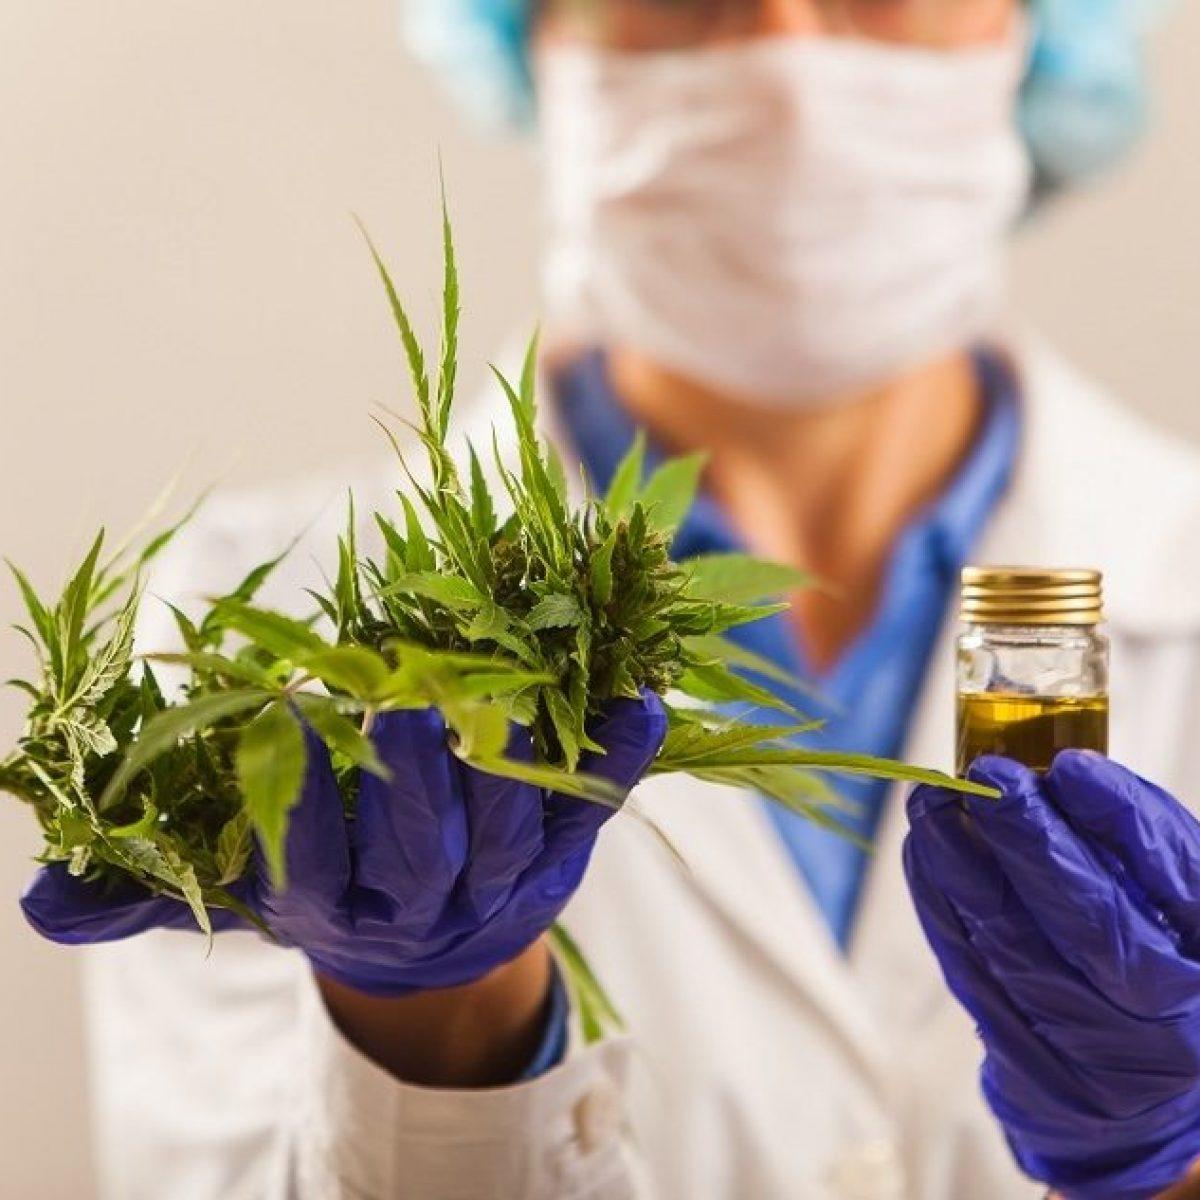 Coronavirus, la svolta per cura e prevenzione potrebbe essere nella Cannabis